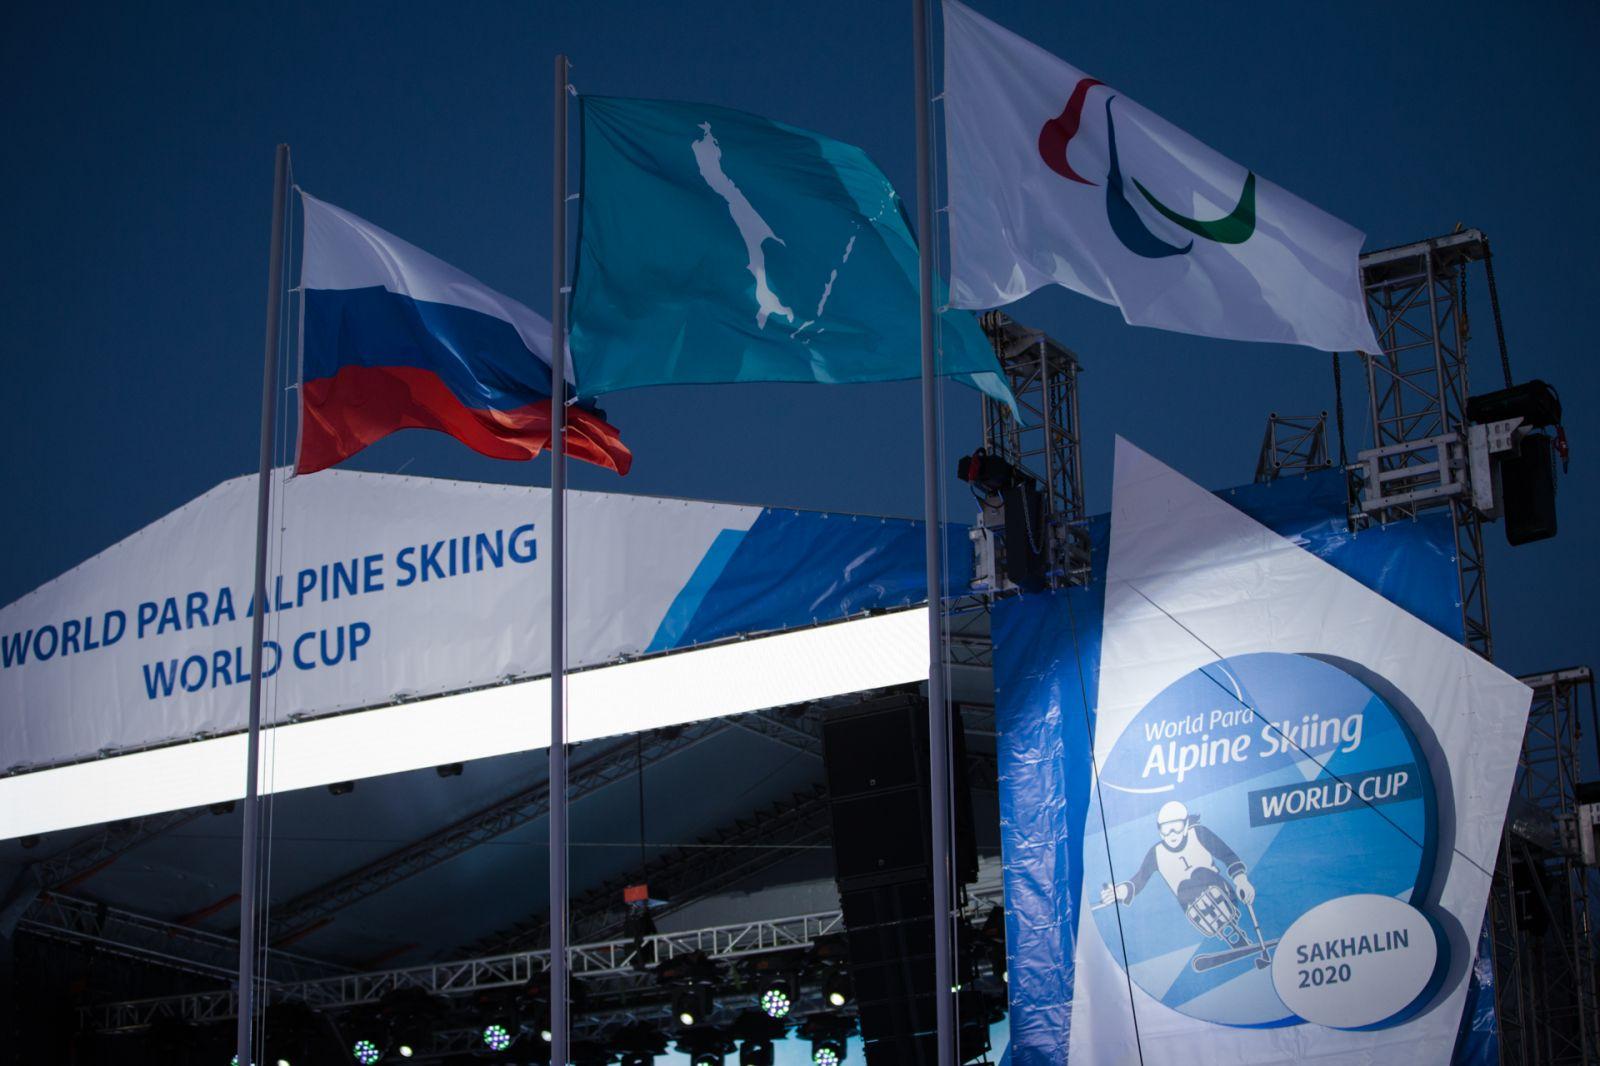 П.А. Рожков, А.А. Строкин посредством видео-конференц-связи провели переговоры с МПК по вопросу проведения Кубка мира по паралимпийскому горнолыжному спорту в Южно-Сахалинске